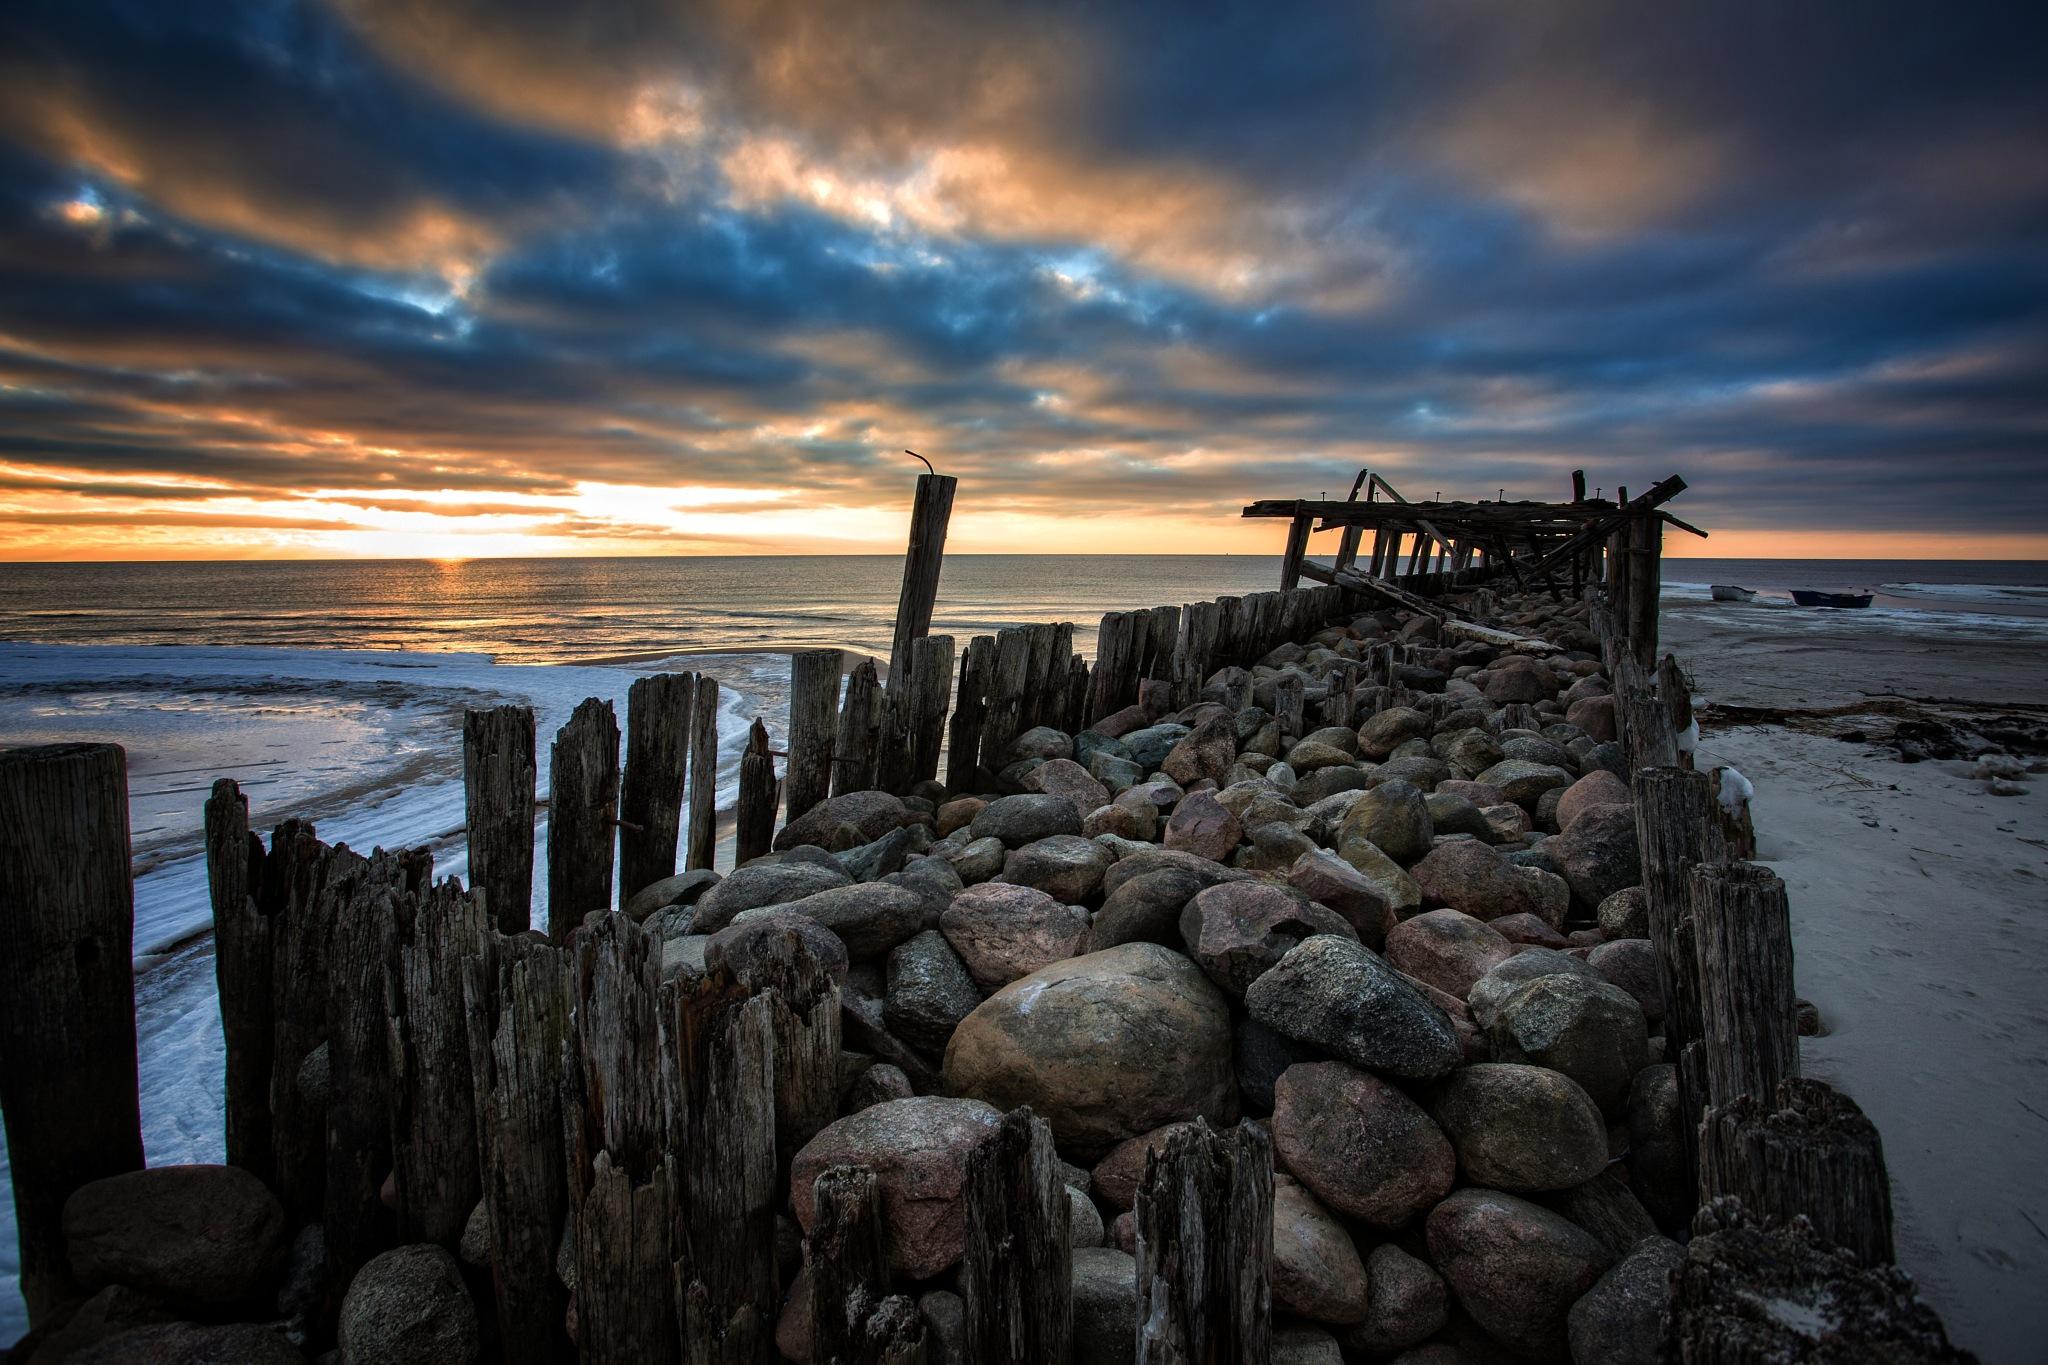 To the sea by DariusBirstonas